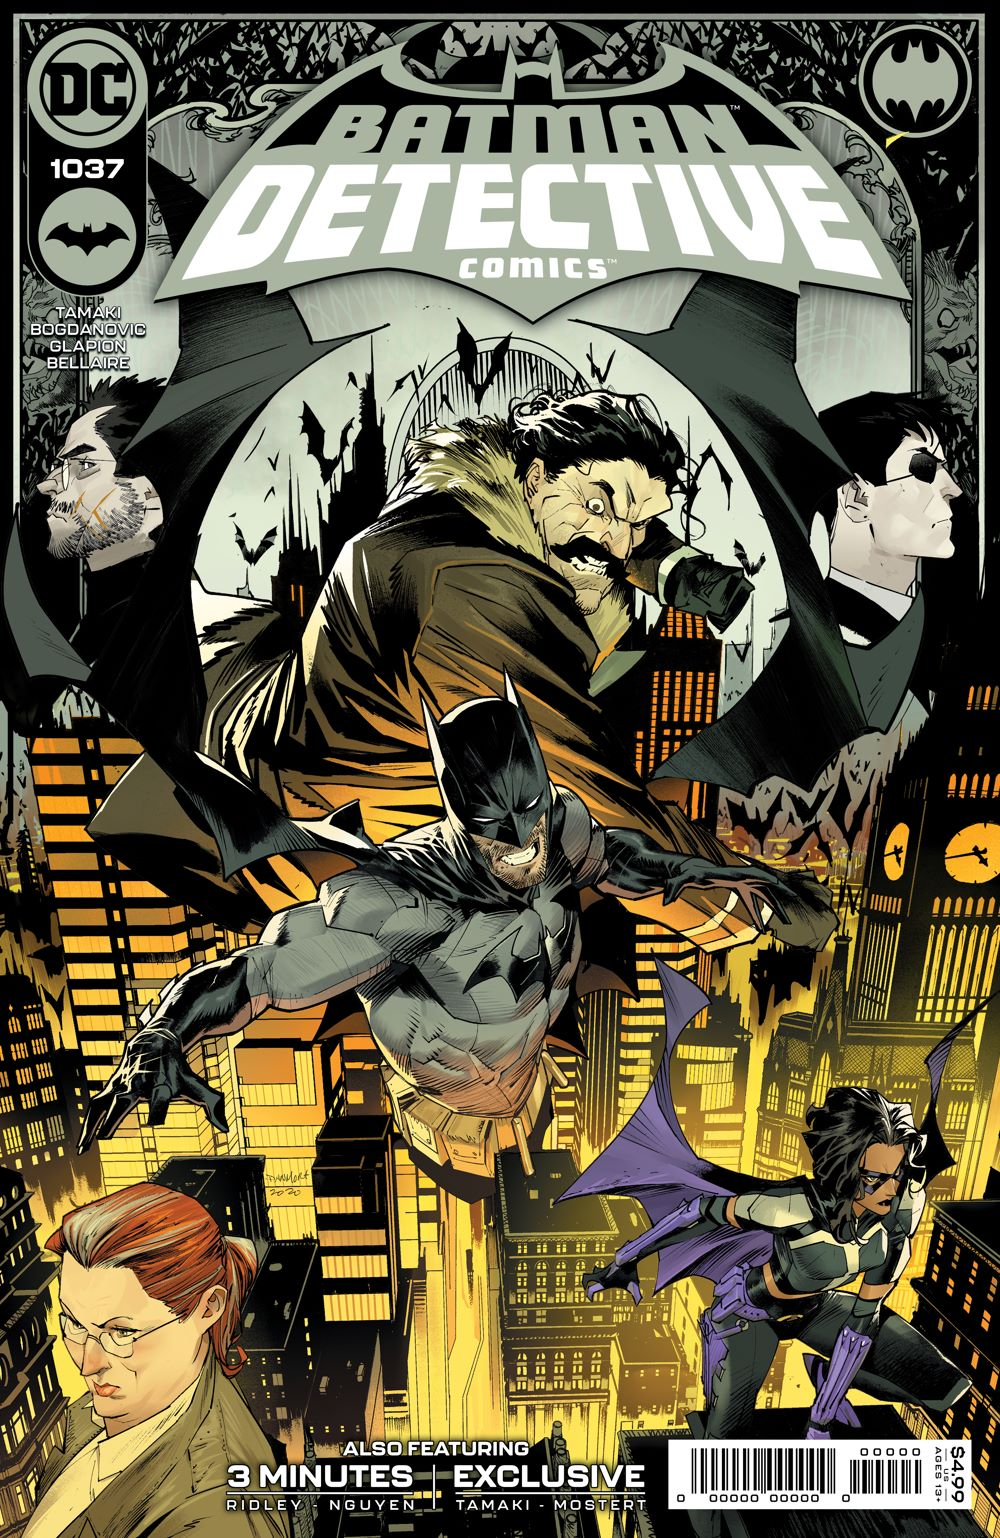 DTC_Cv1037 DC Comics June 2021 Solicitations